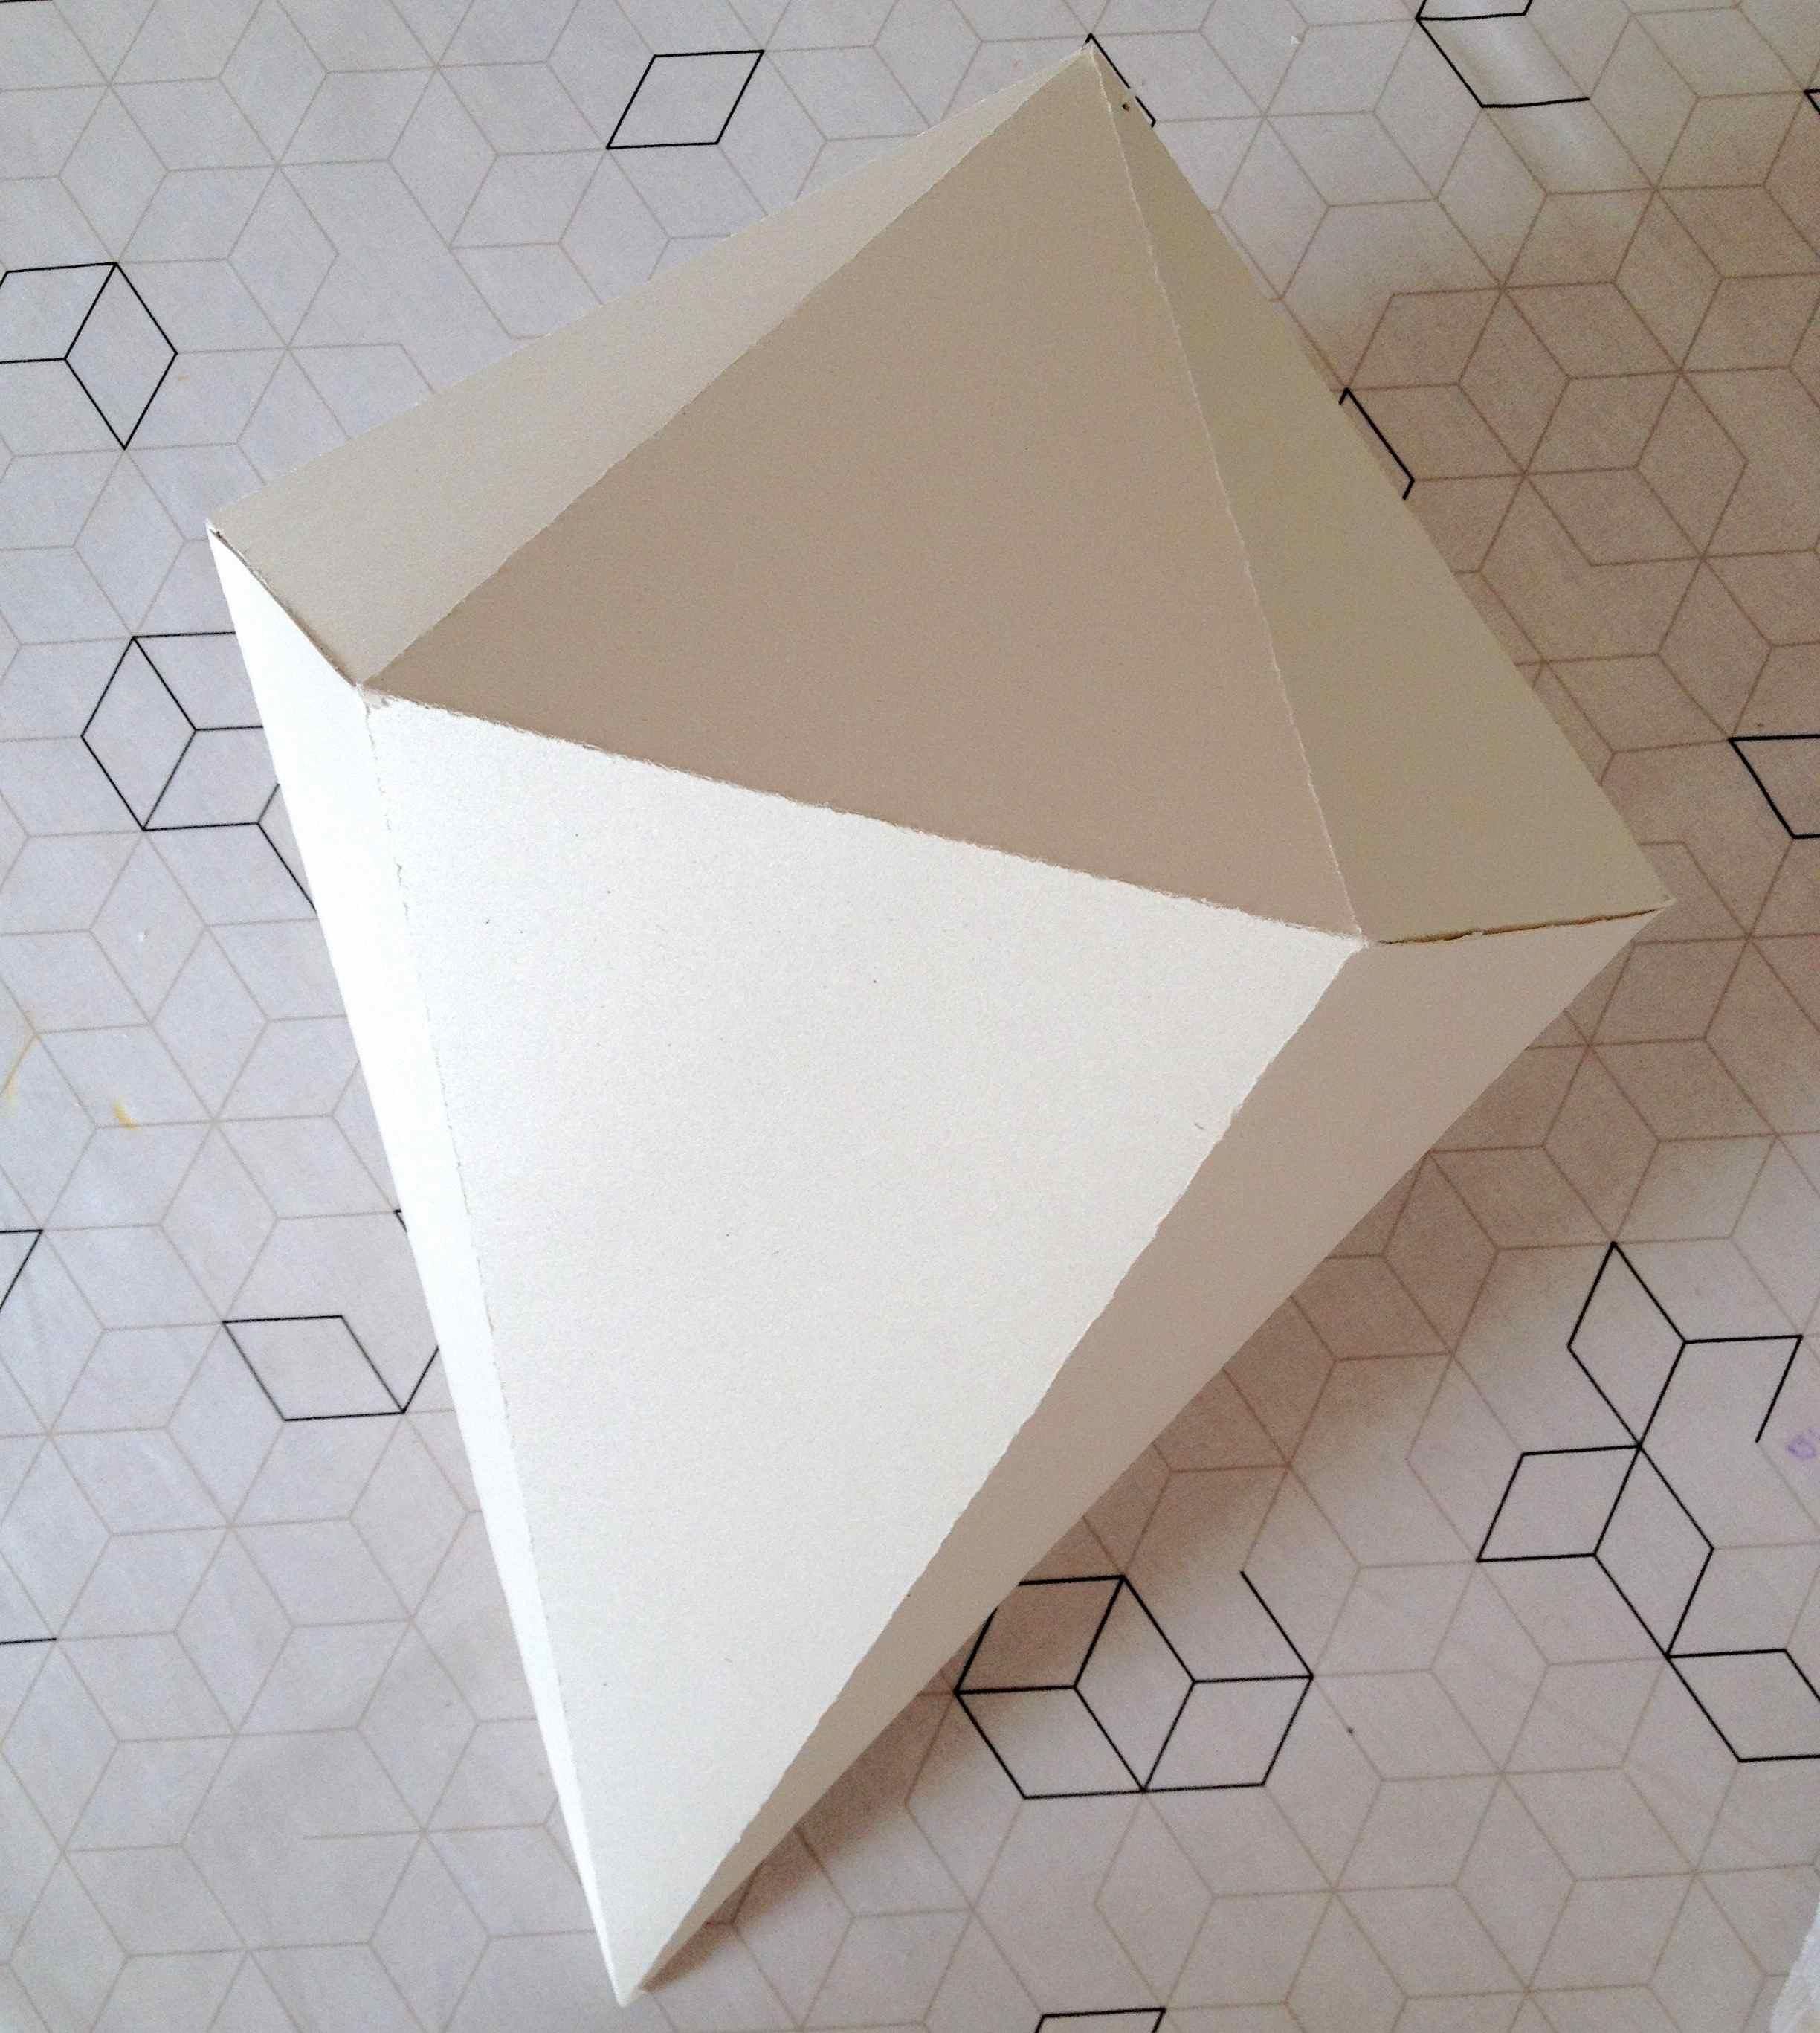 la pi ata rose caramelle rose caramelle carnet d 39 inspiration. Black Bedroom Furniture Sets. Home Design Ideas